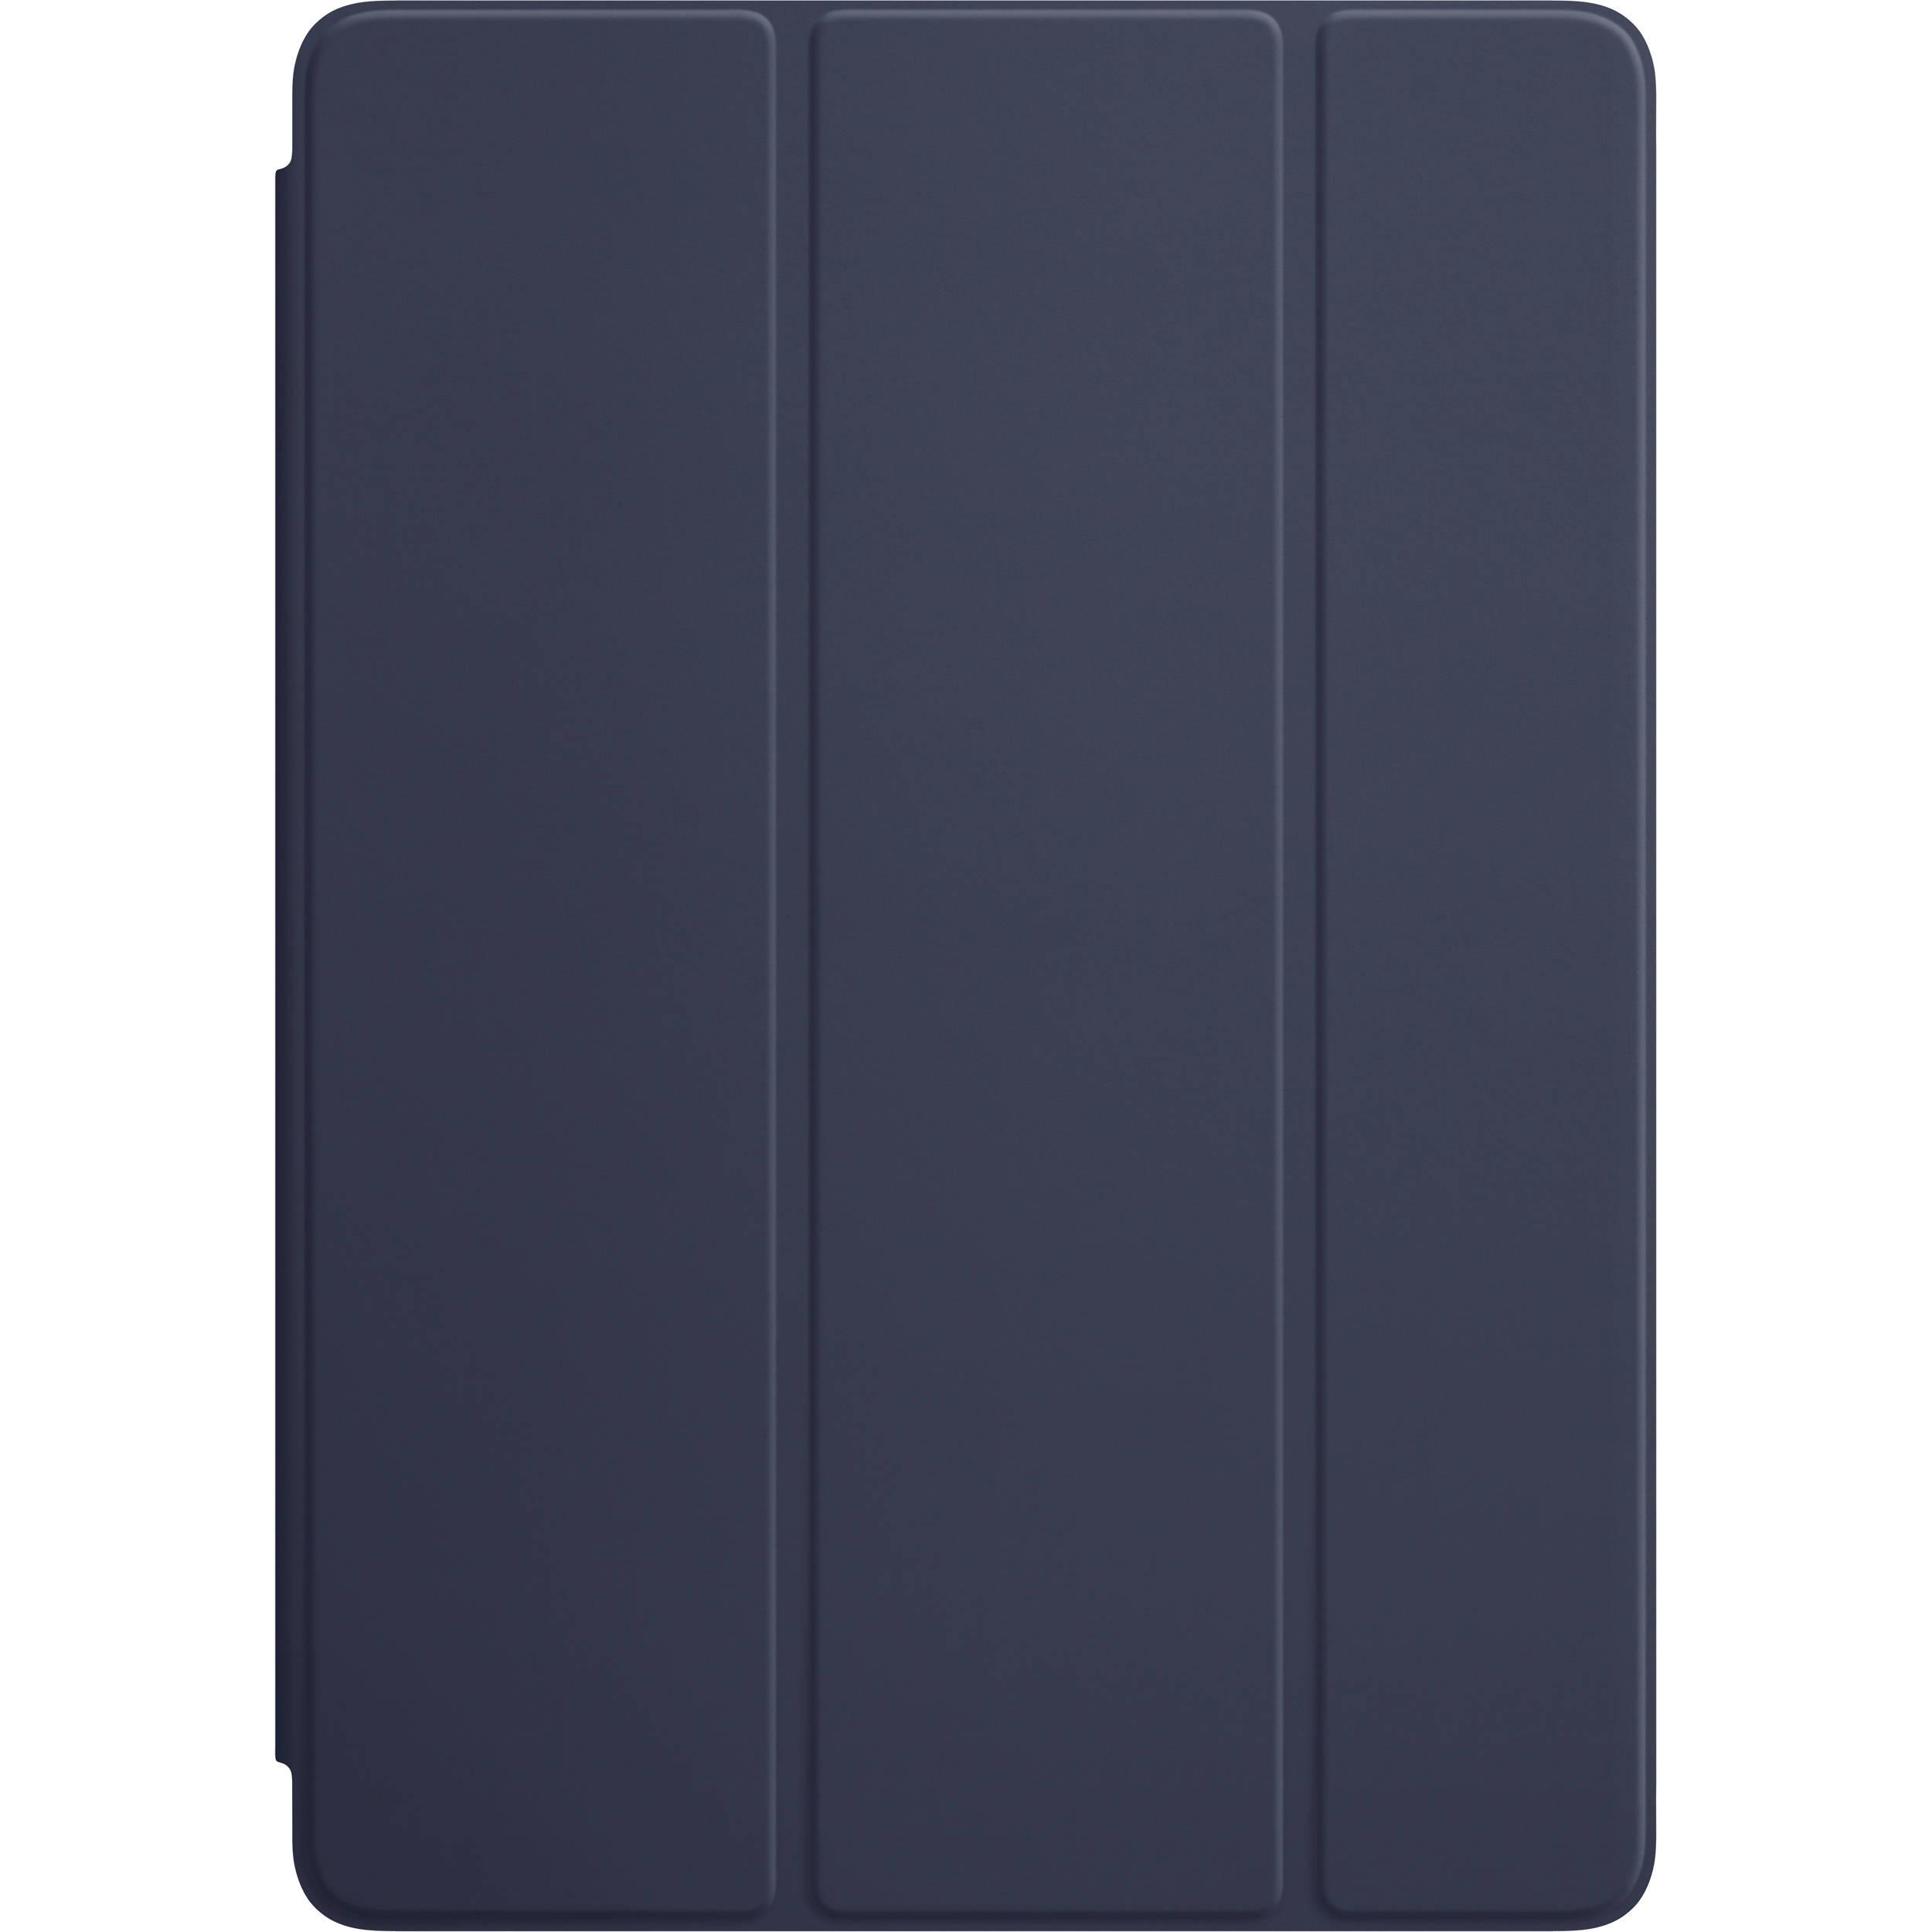 4ps apple Tiene una gran pantalla es delgado y cabe en un bolsillo y apple pay, incluso si no funciona en todas partes, realmente funciona bien este es el análisis.